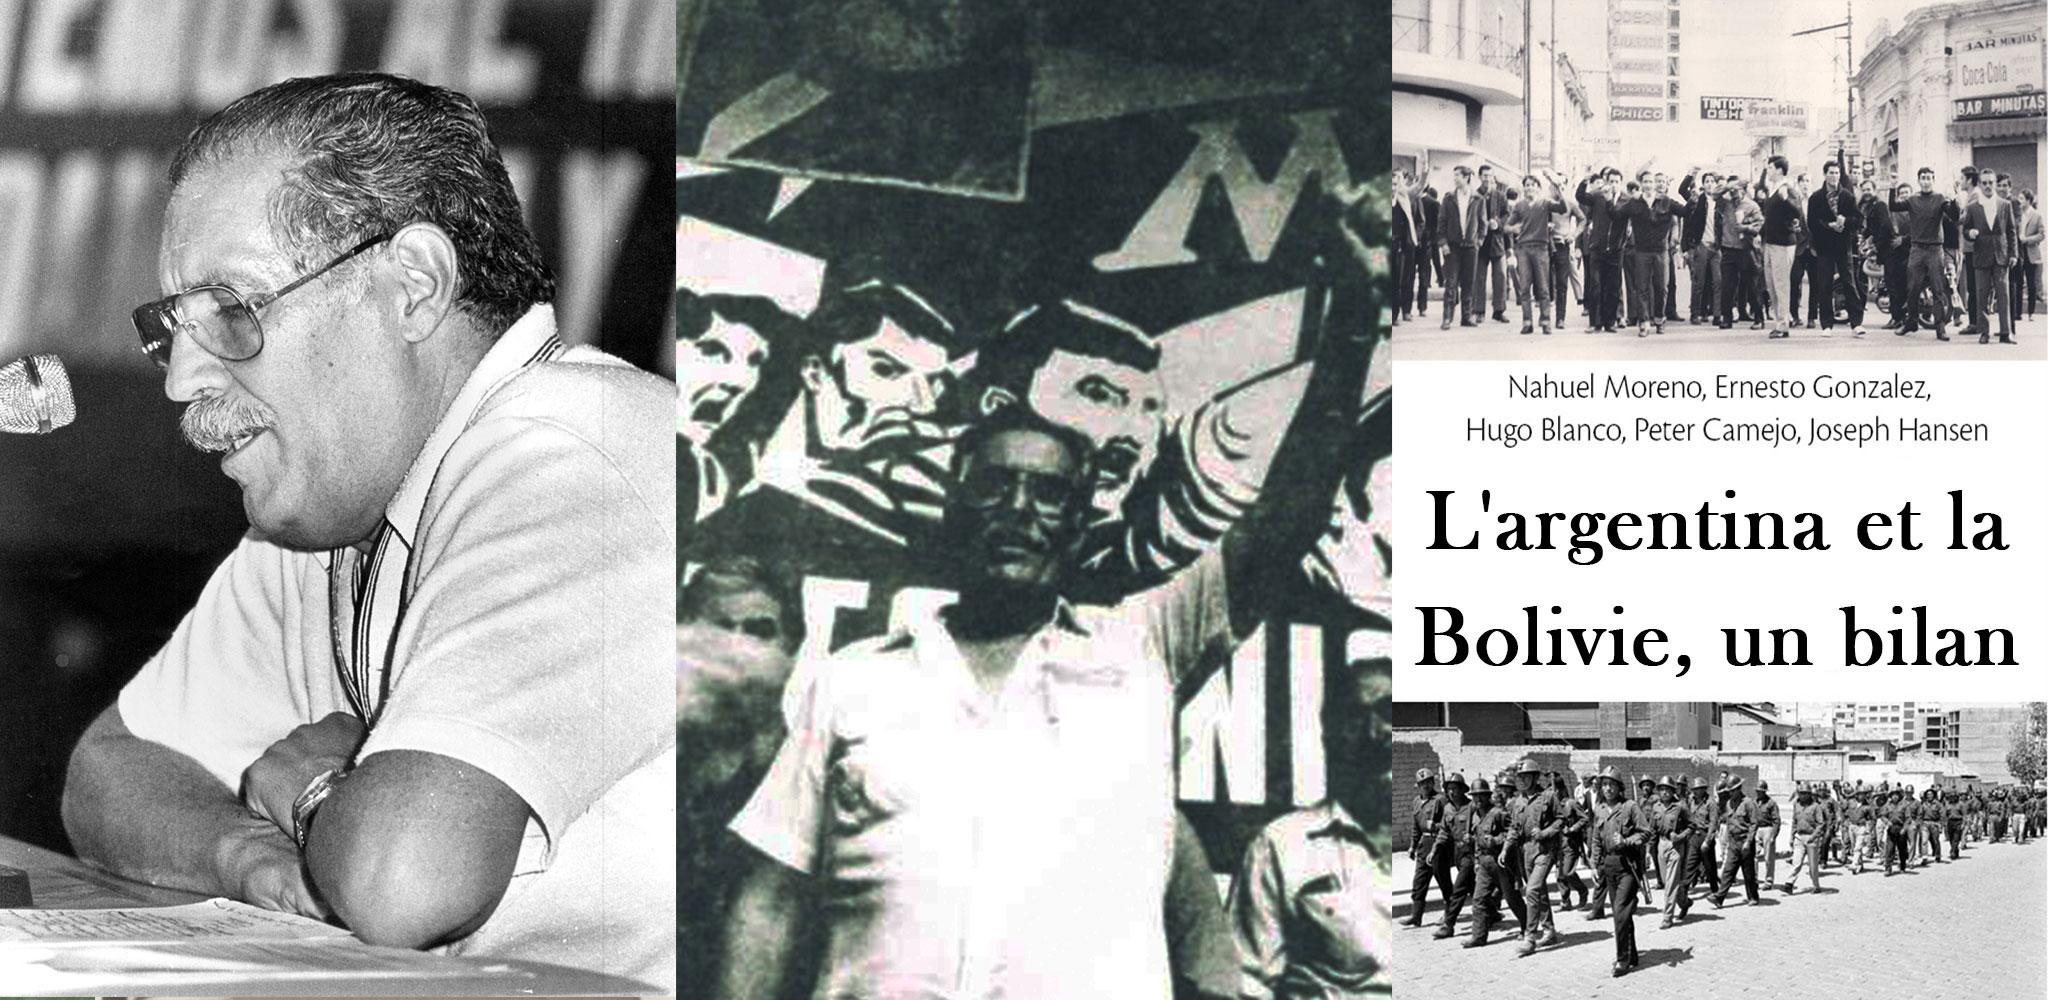 L'ARGENTINA ET LA BOLIVIE, UN BILAN (1973)